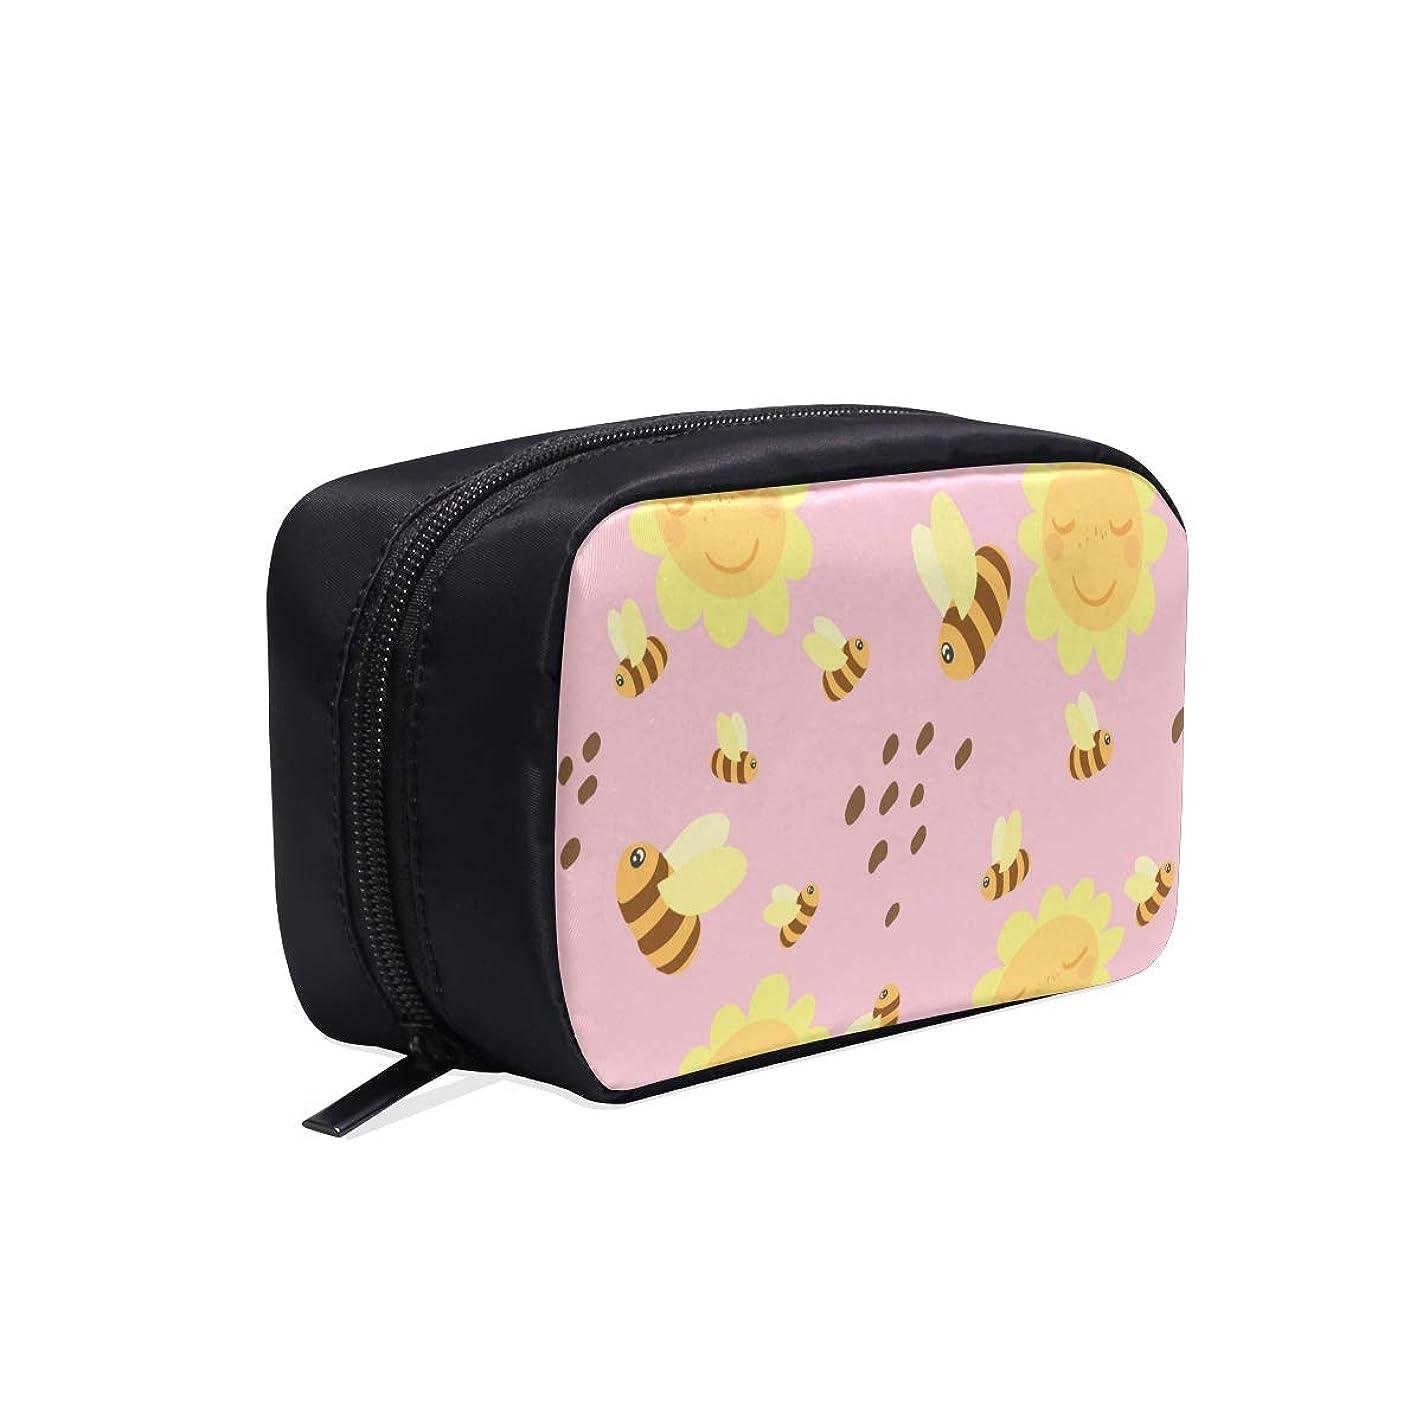 農業エイズコミットGGSXD メイクポーチ かわいいミツバチやひまわり ボックス コスメ収納 化粧品収納ケース 大容量 収納 化粧品入れ 化粧バッグ 旅行用 メイクブラシバッグ 化粧箱 持ち運び便利 プロ用